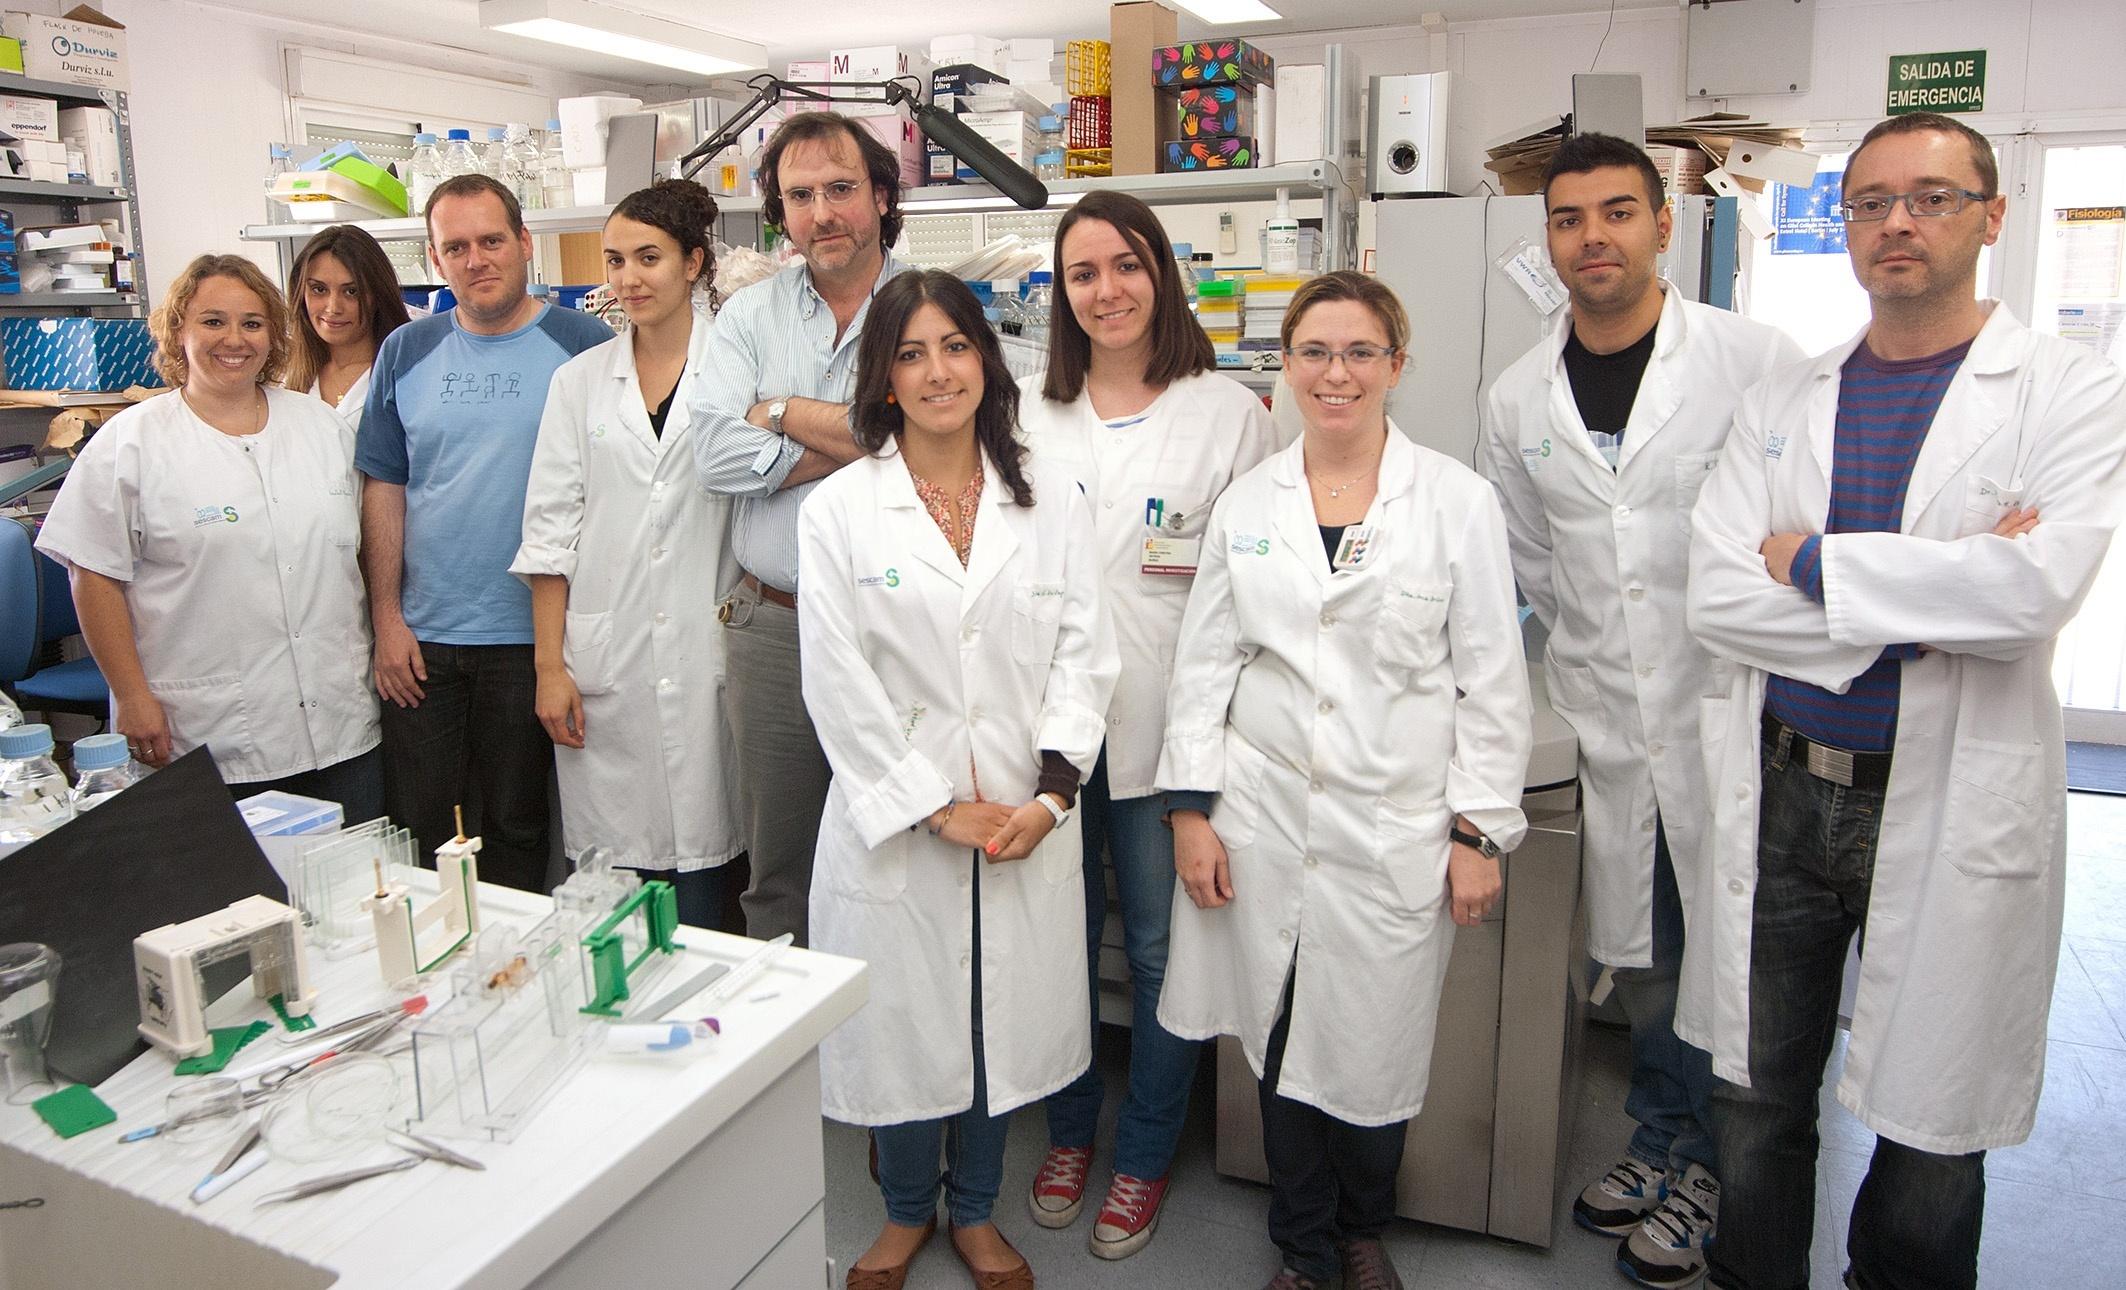 Científicos de Parapléjicos diseñan un método para aislar células implicadas en la restauración de la mielina